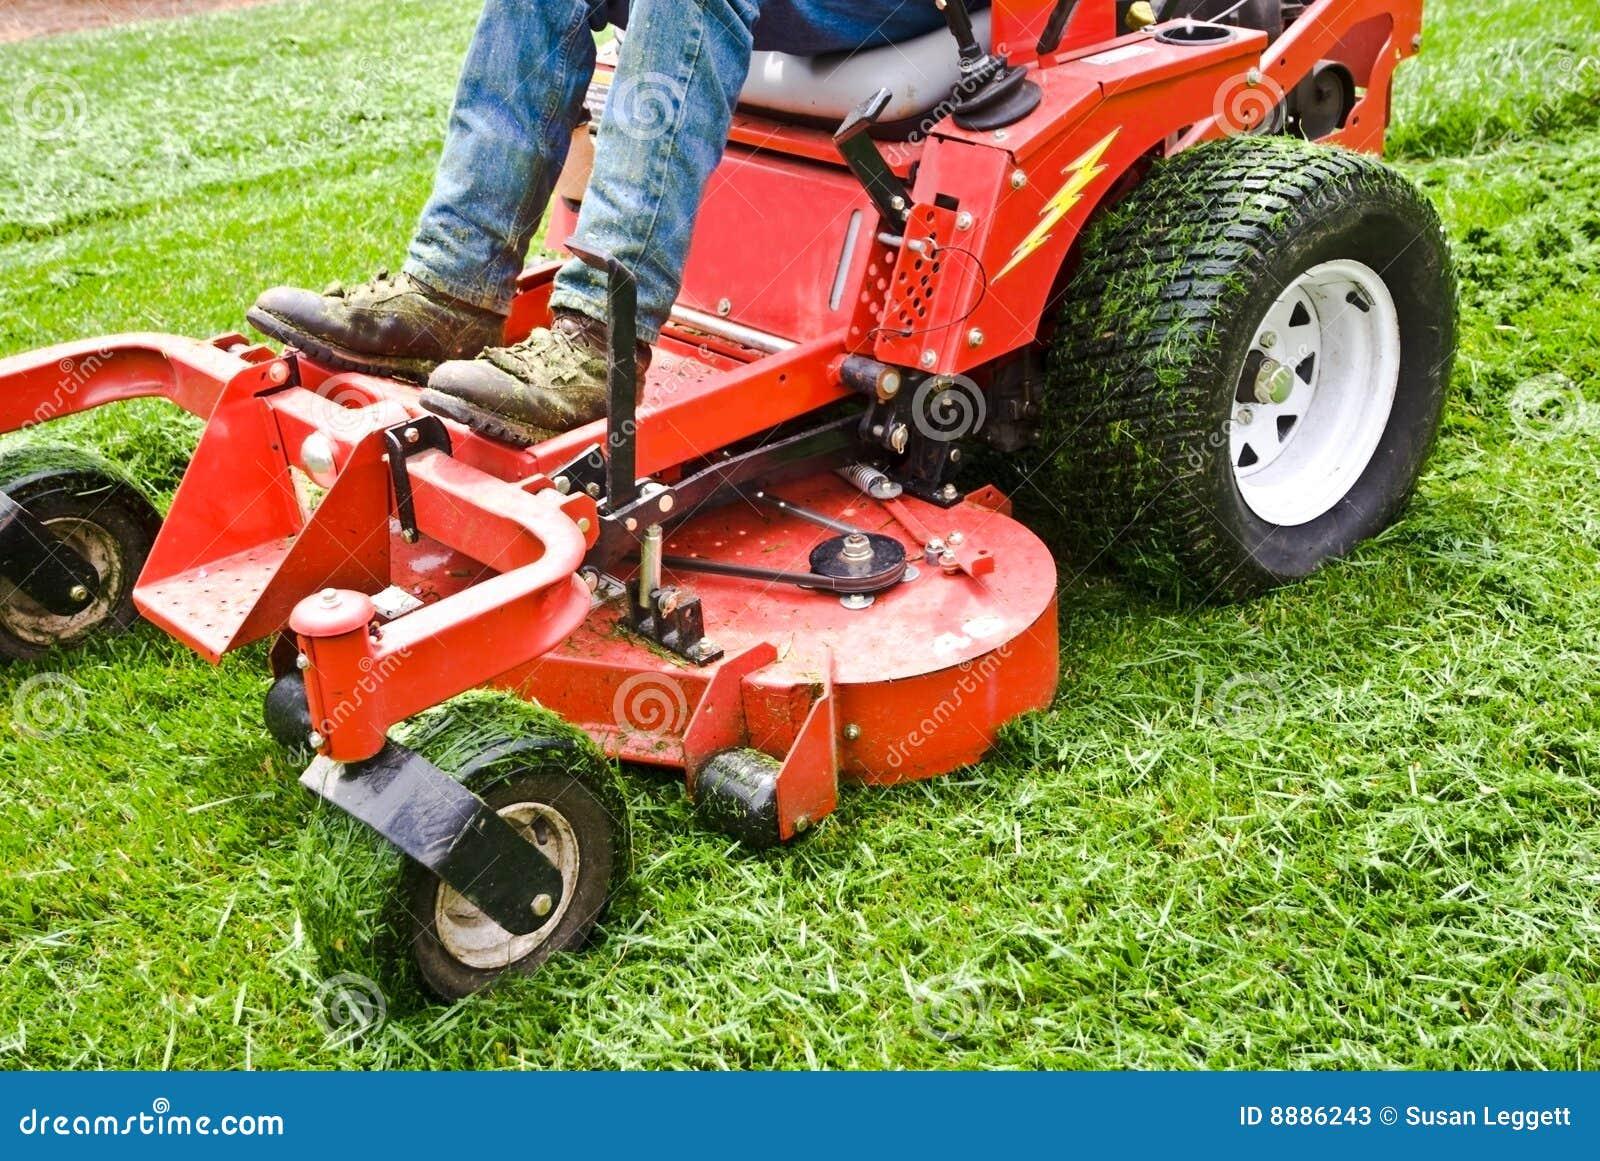 Ridning för gräsklippningsmaskin för omsorgsgräslawn